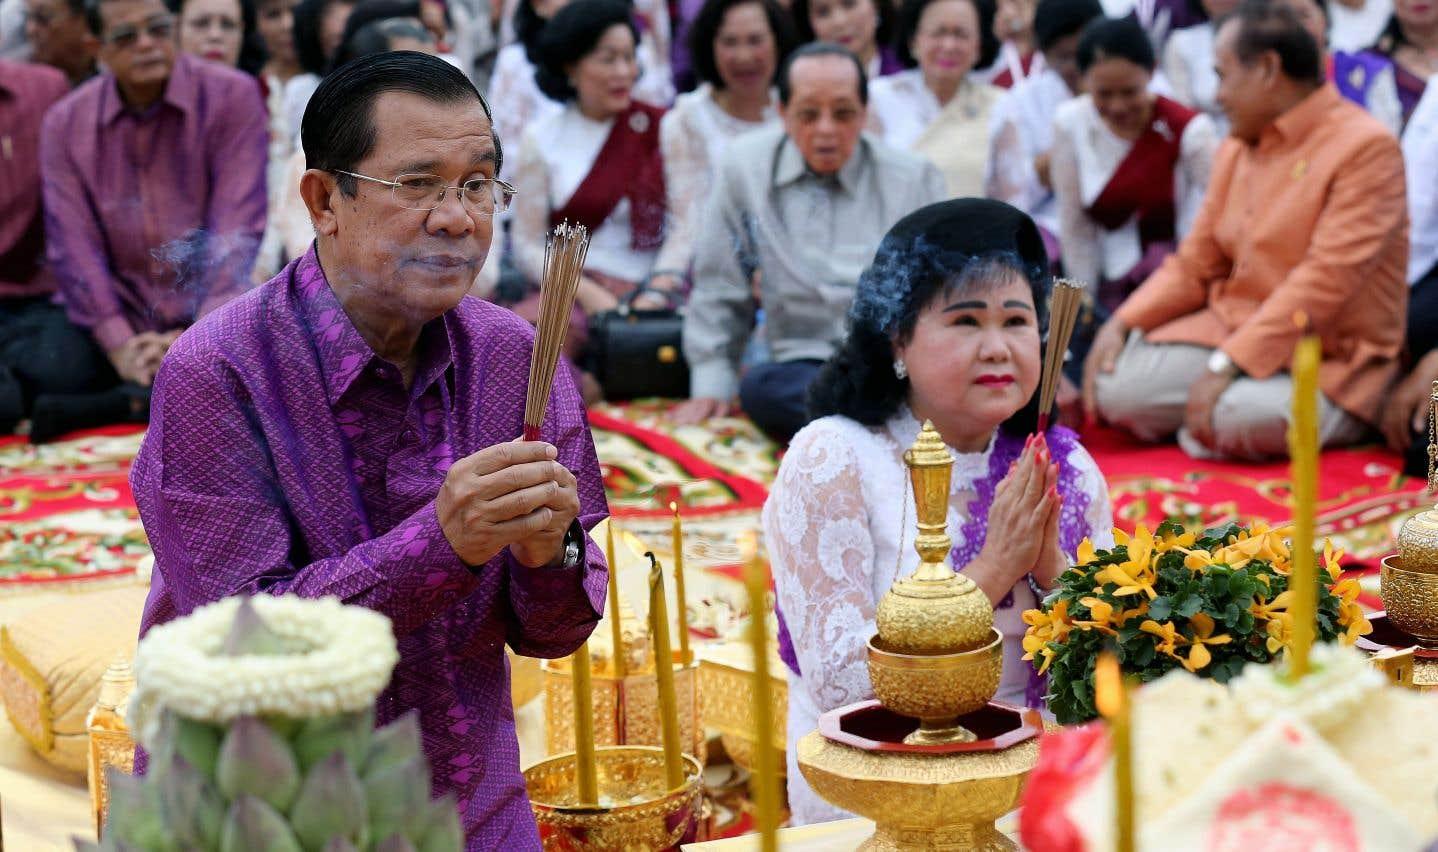 Le premier ministre Hun Sen aux côtés de sa femme, Bun Rany